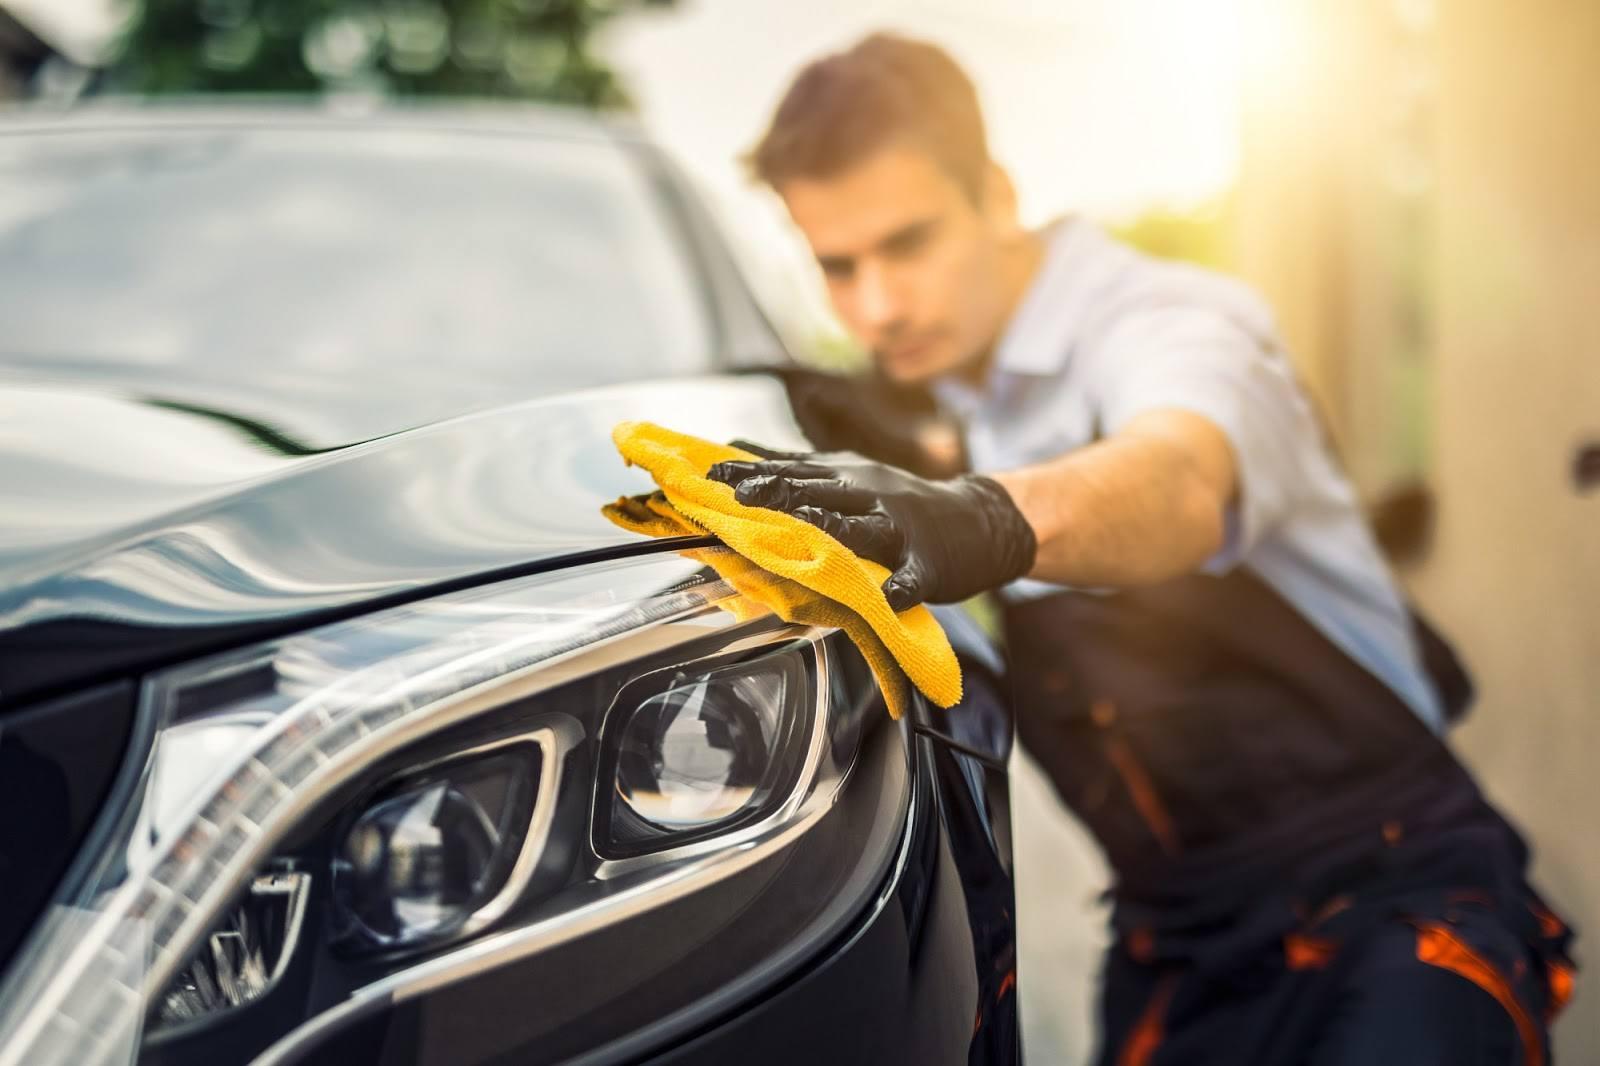 Un detallista encera el costado de un automóvil con una microfibra.